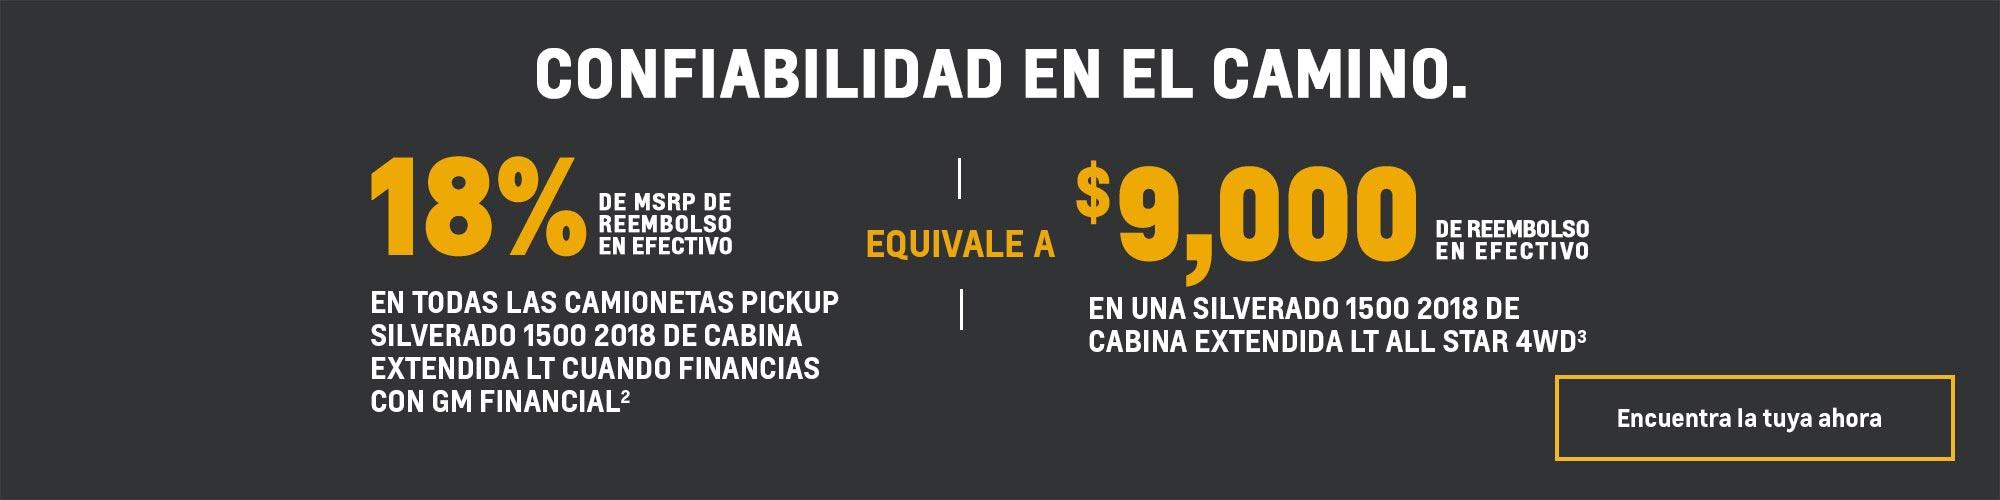 Ofertas actuales de Chevy: Silverado 1500 de cabina extendida LT - 18% de reembolso en efectivo de MSRP